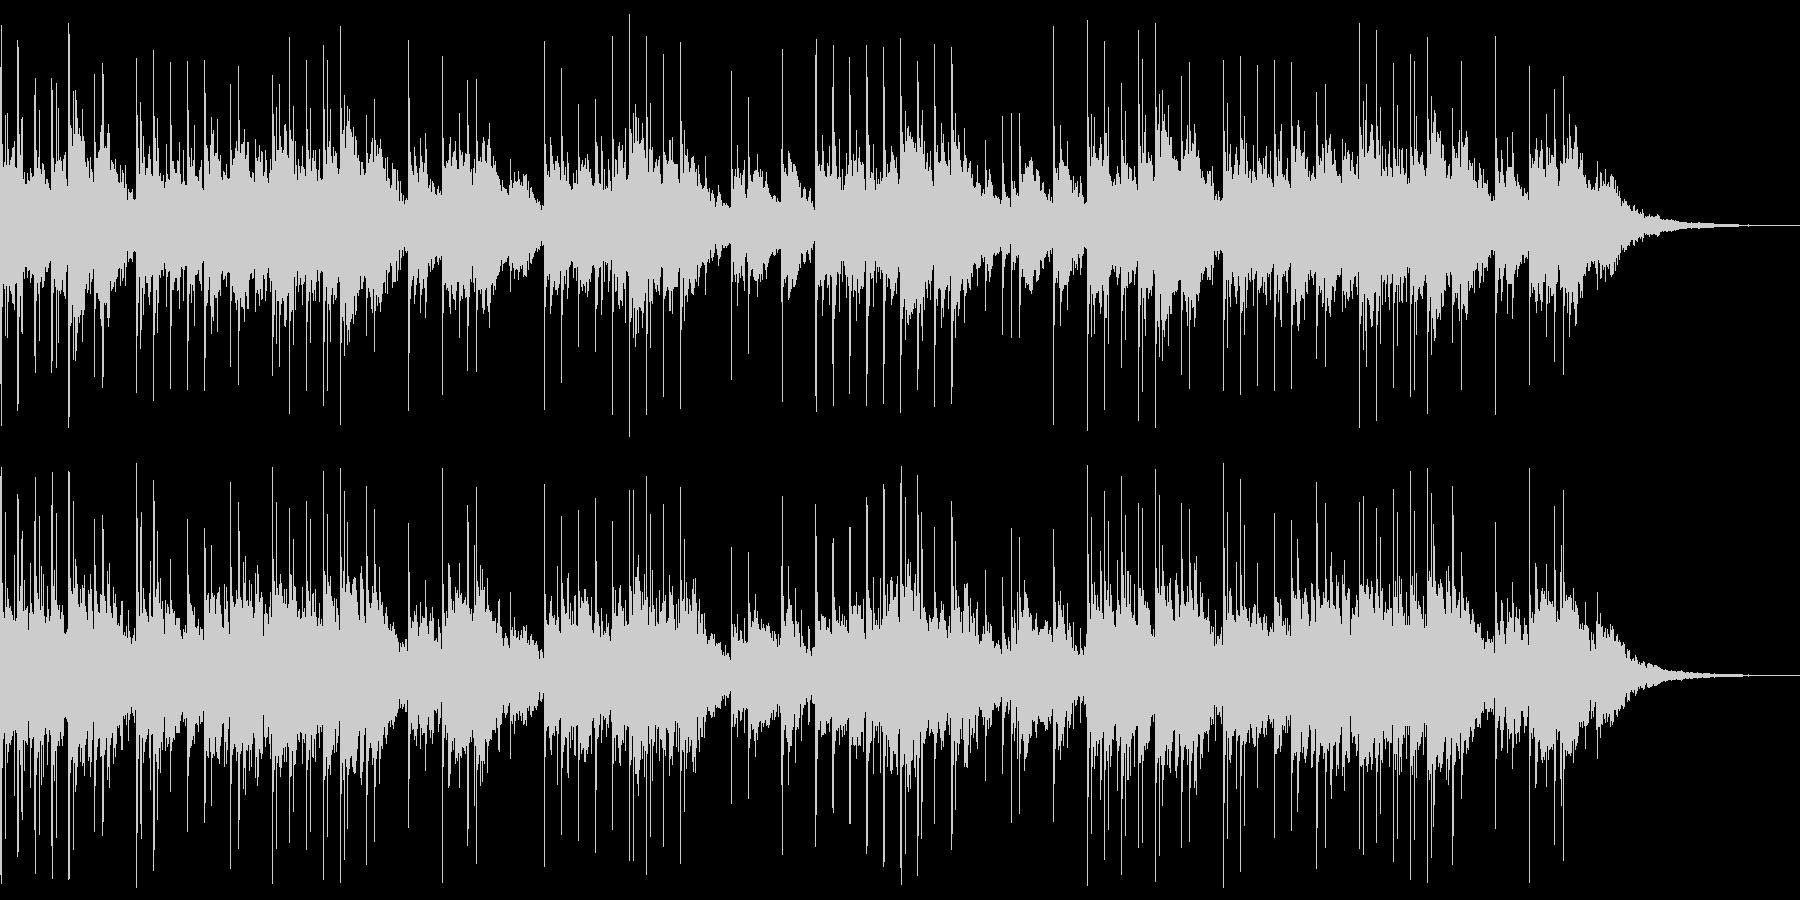 不穏なシーン向けの静かなオルゴール曲の未再生の波形